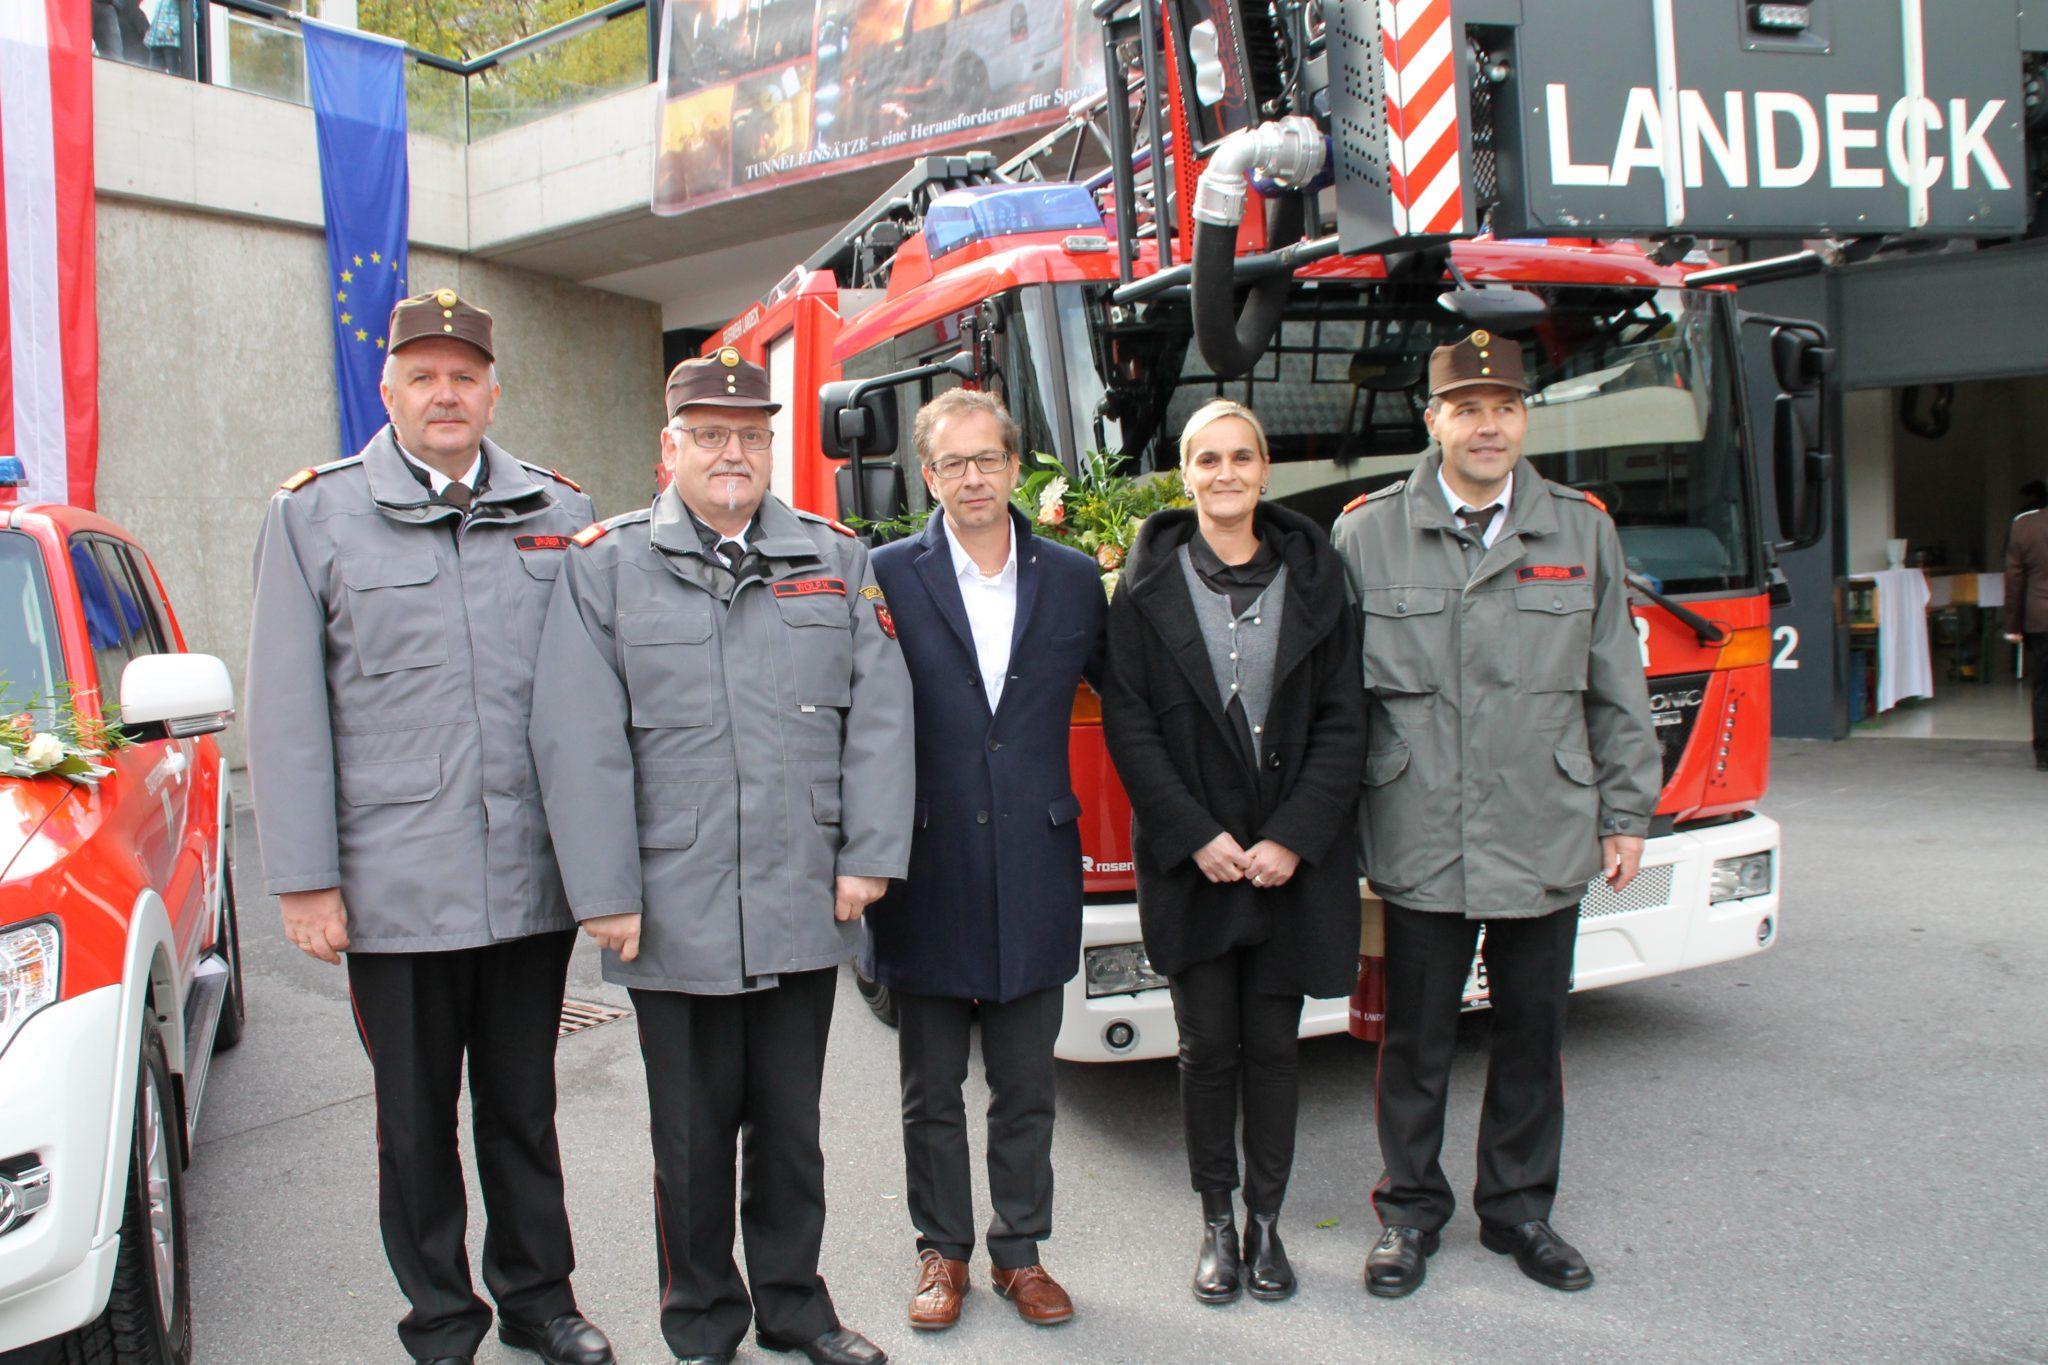 140 Jahre Stadtfeuerwehr Landeck